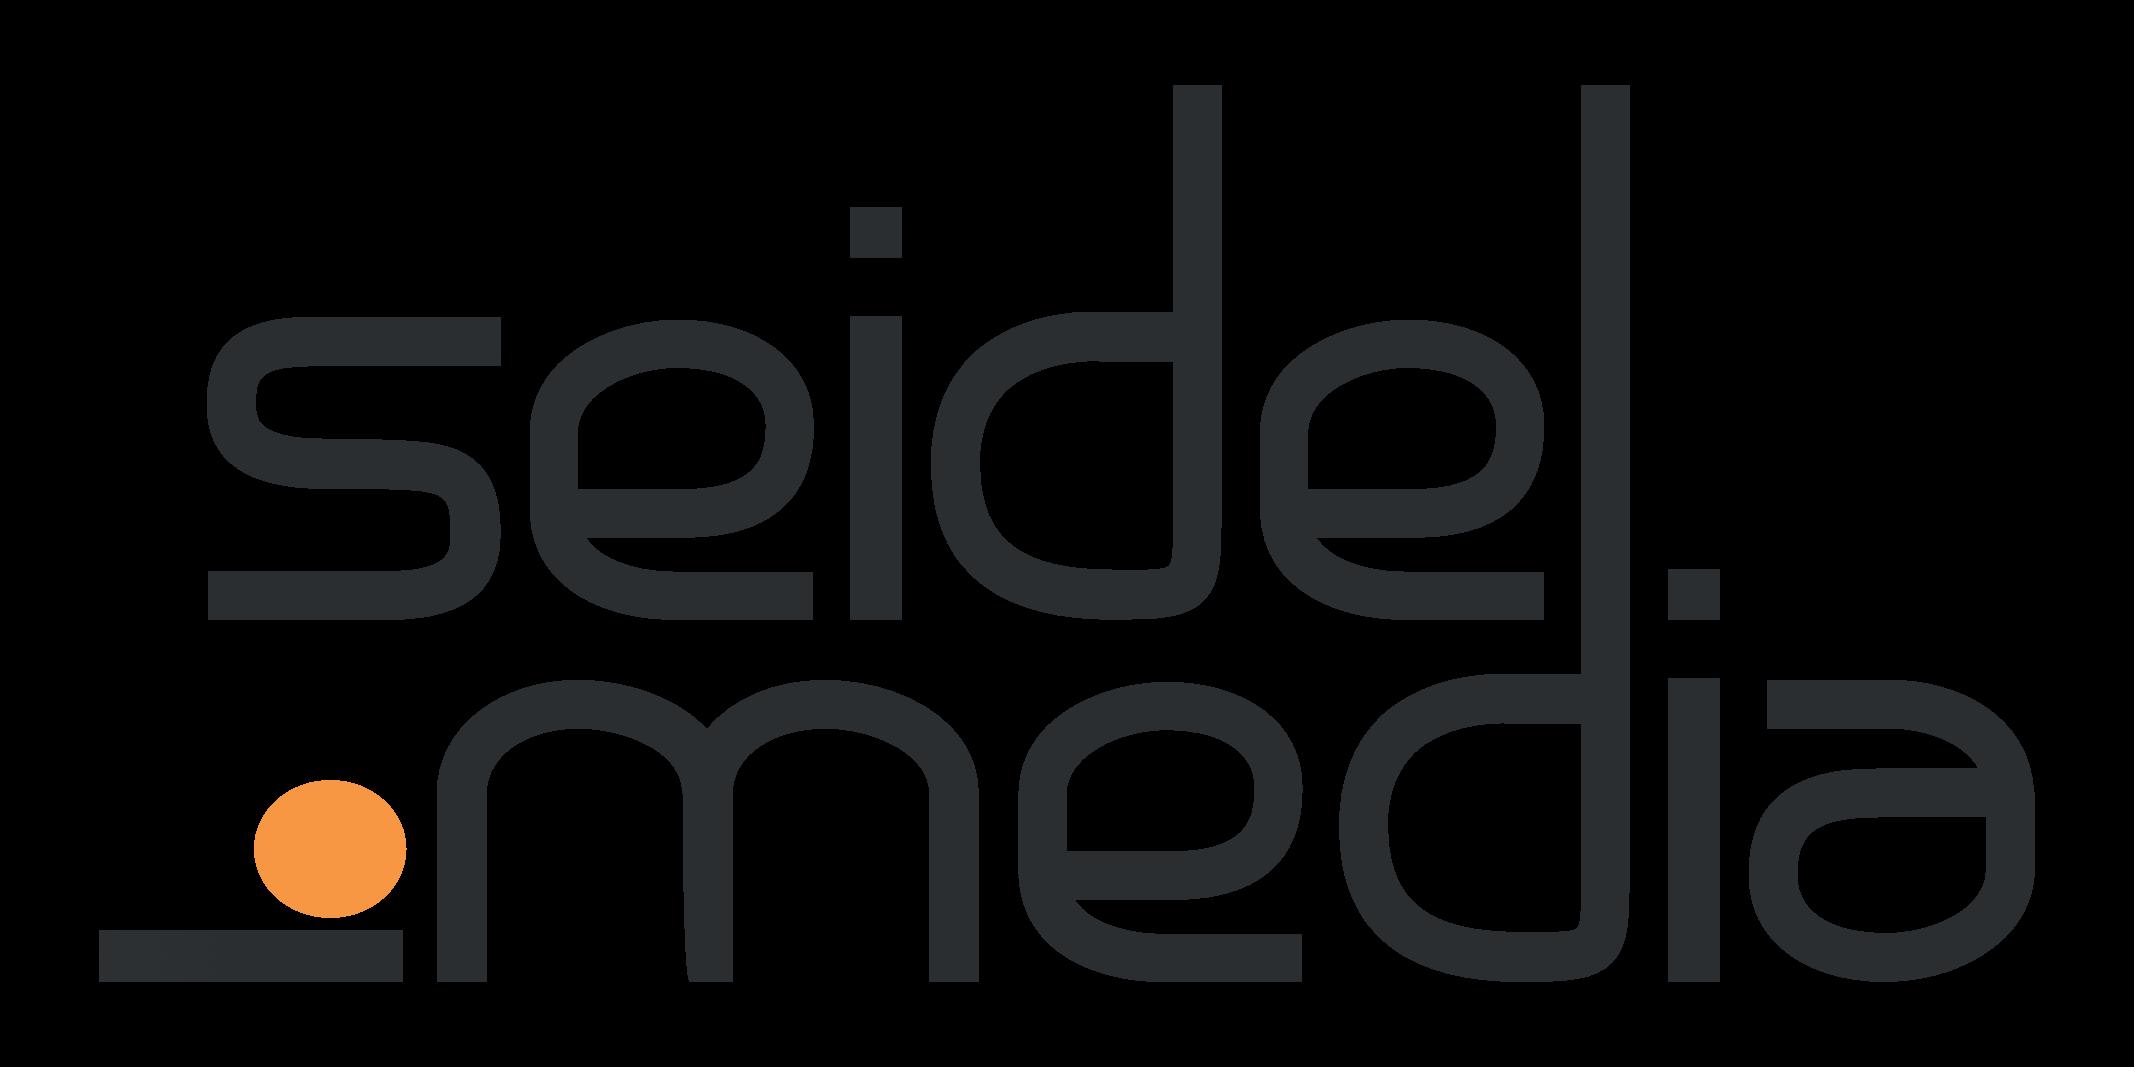 seidel-MEDia